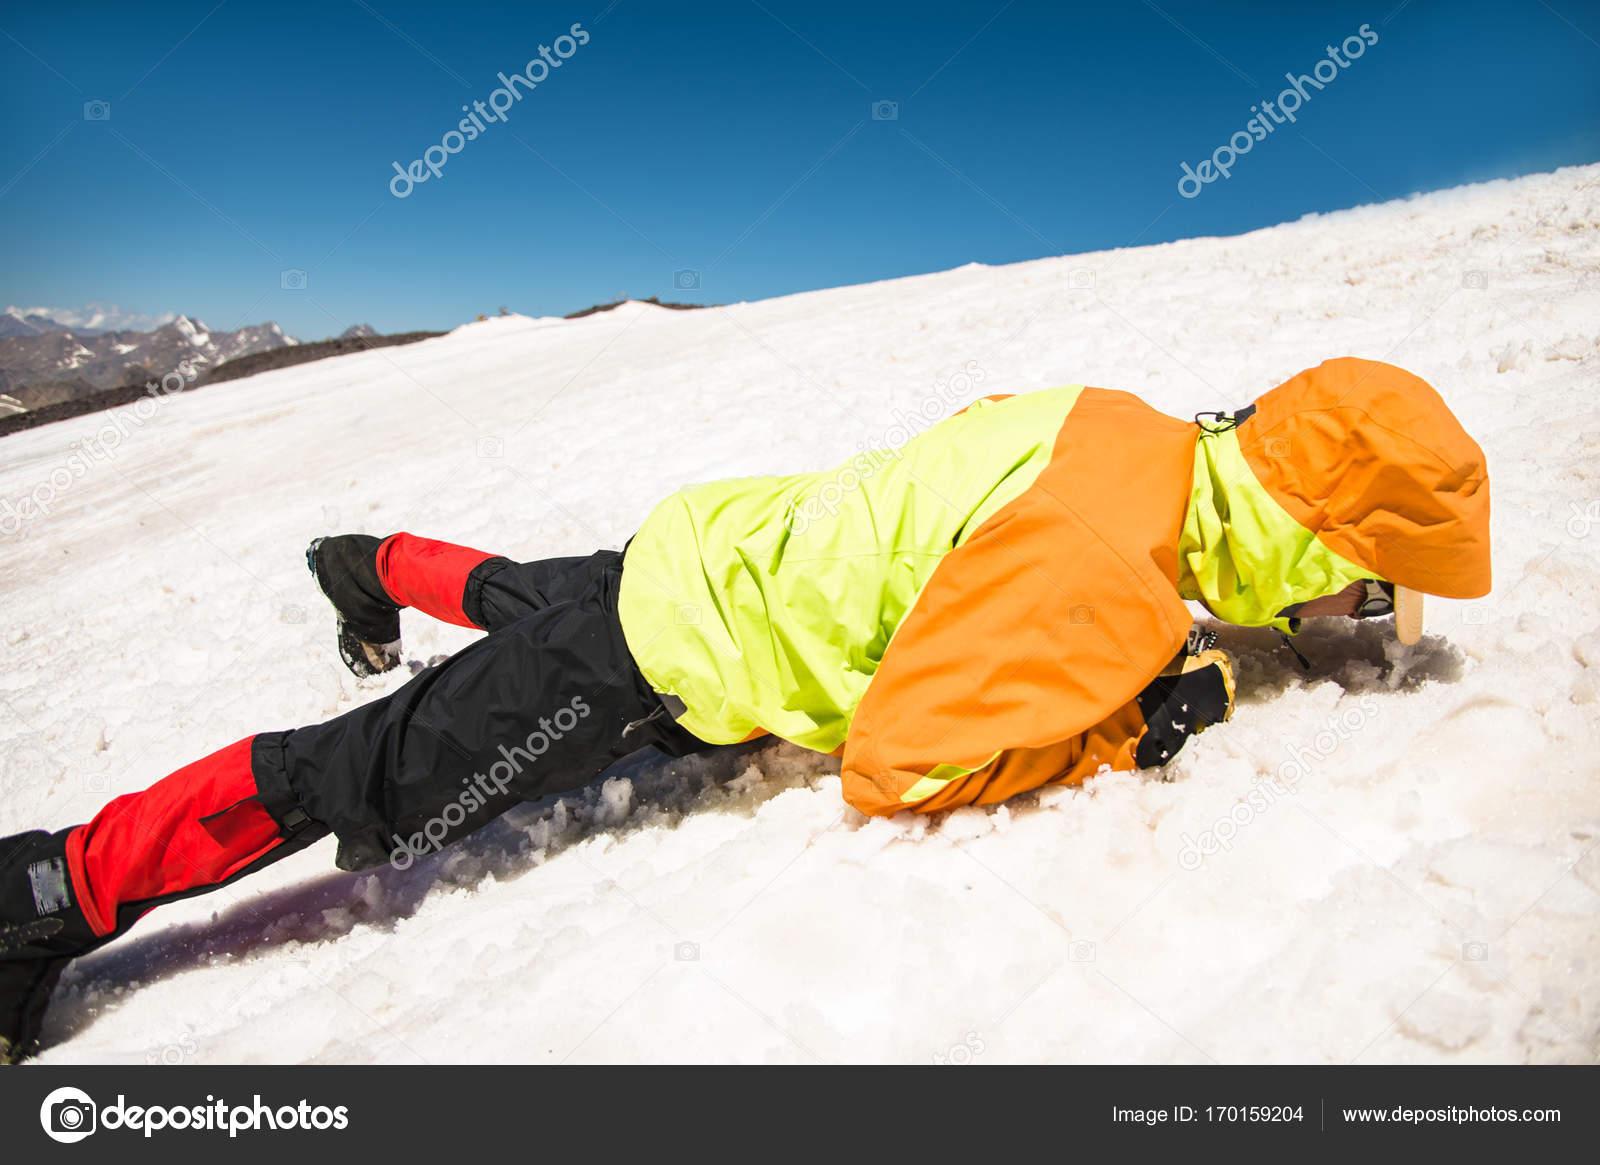 Leren te glijden naar behoren op een helling of gletsjer met een